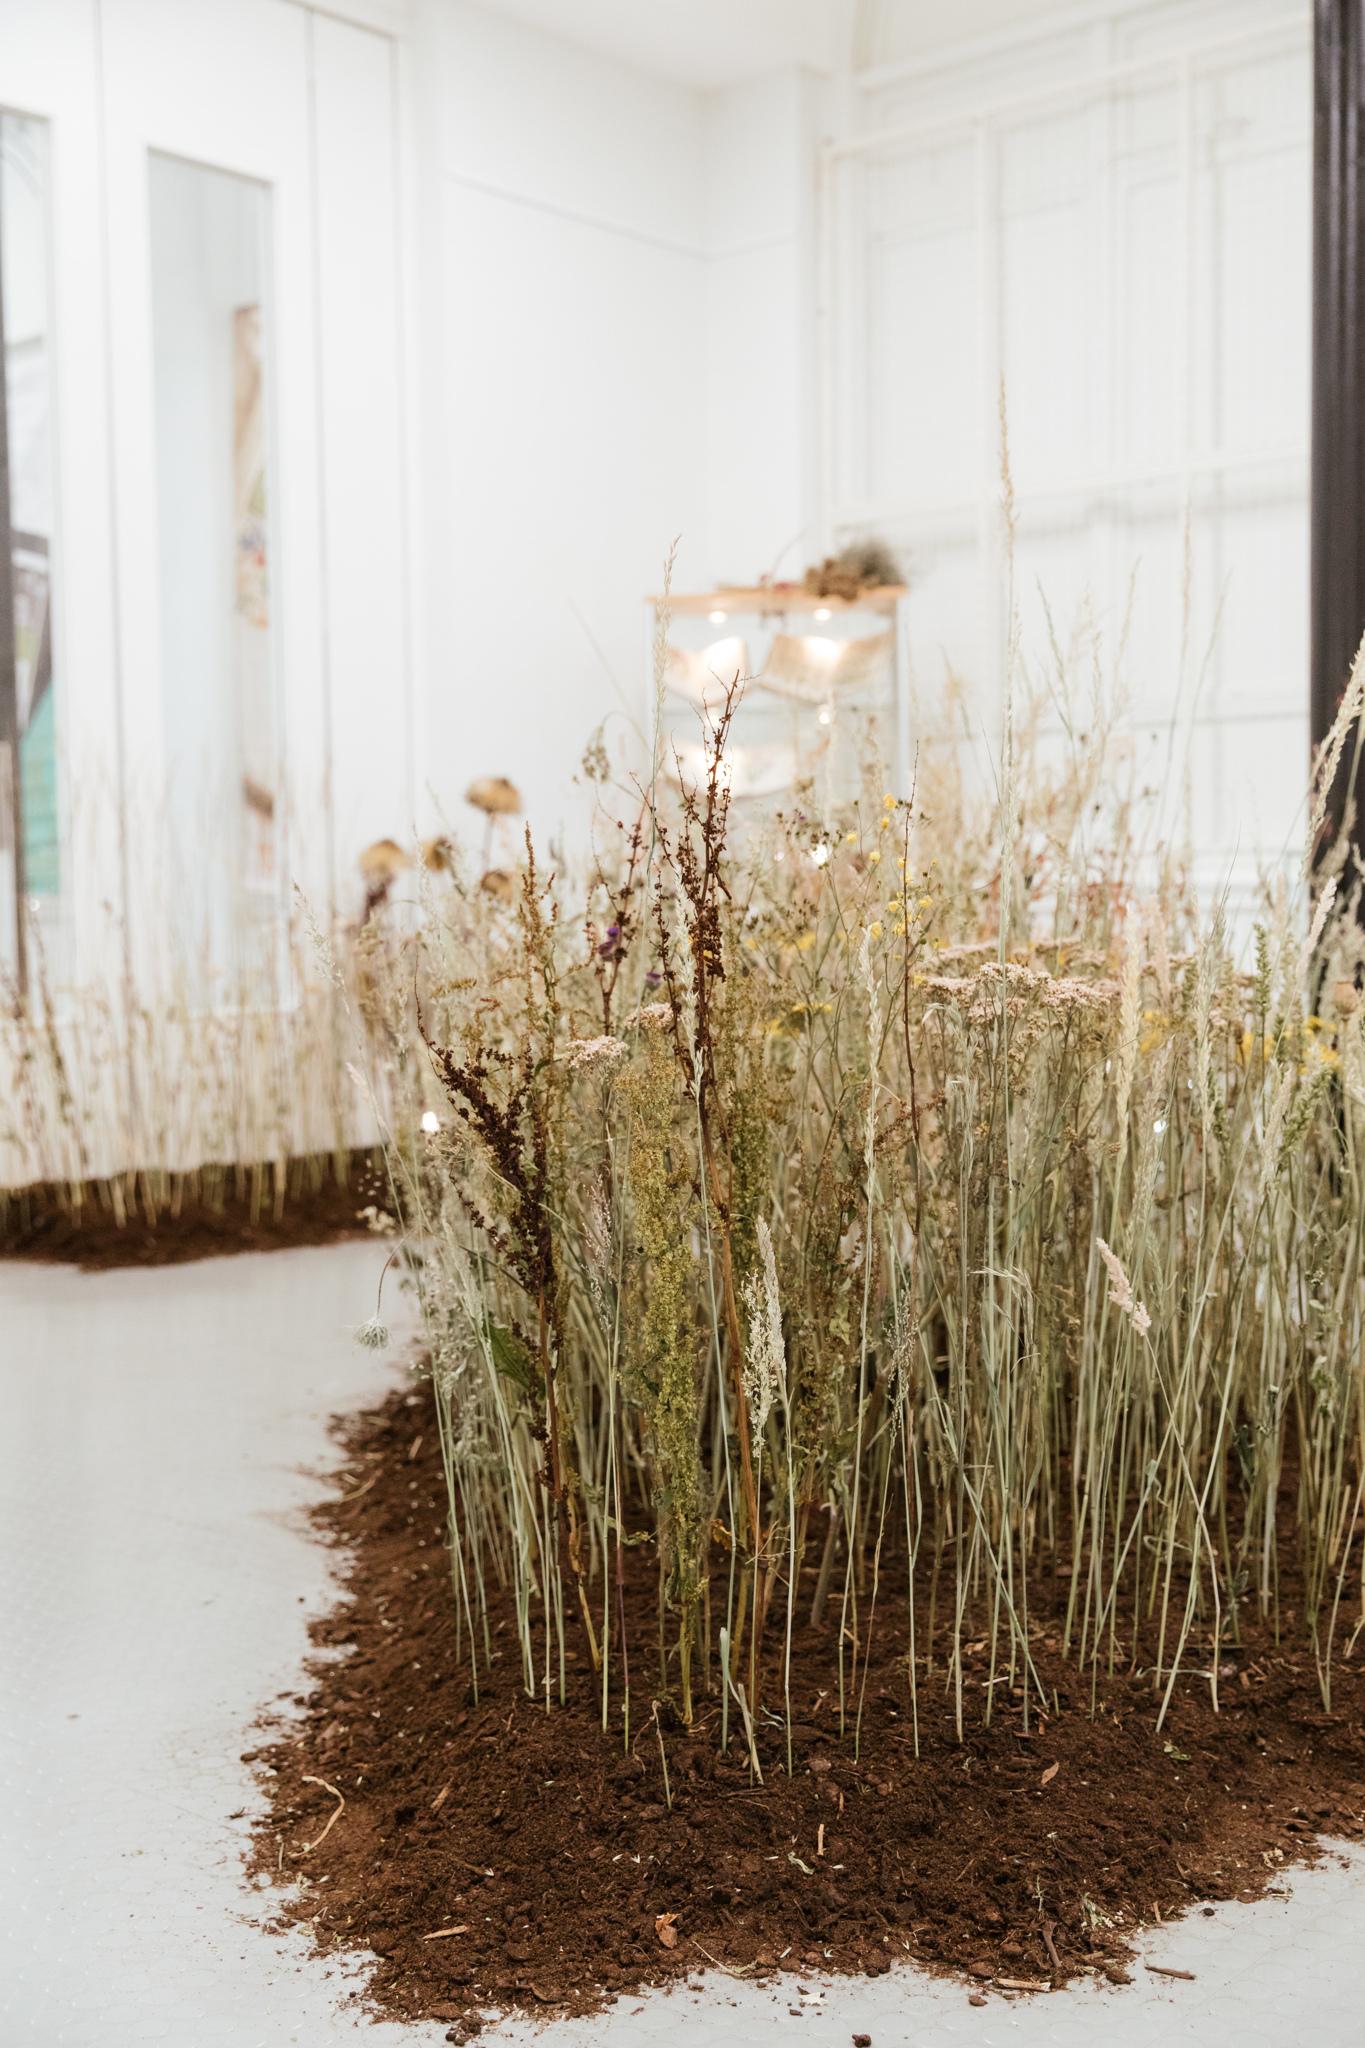 Herbarium_Joanne-Crawford-6739.JPG